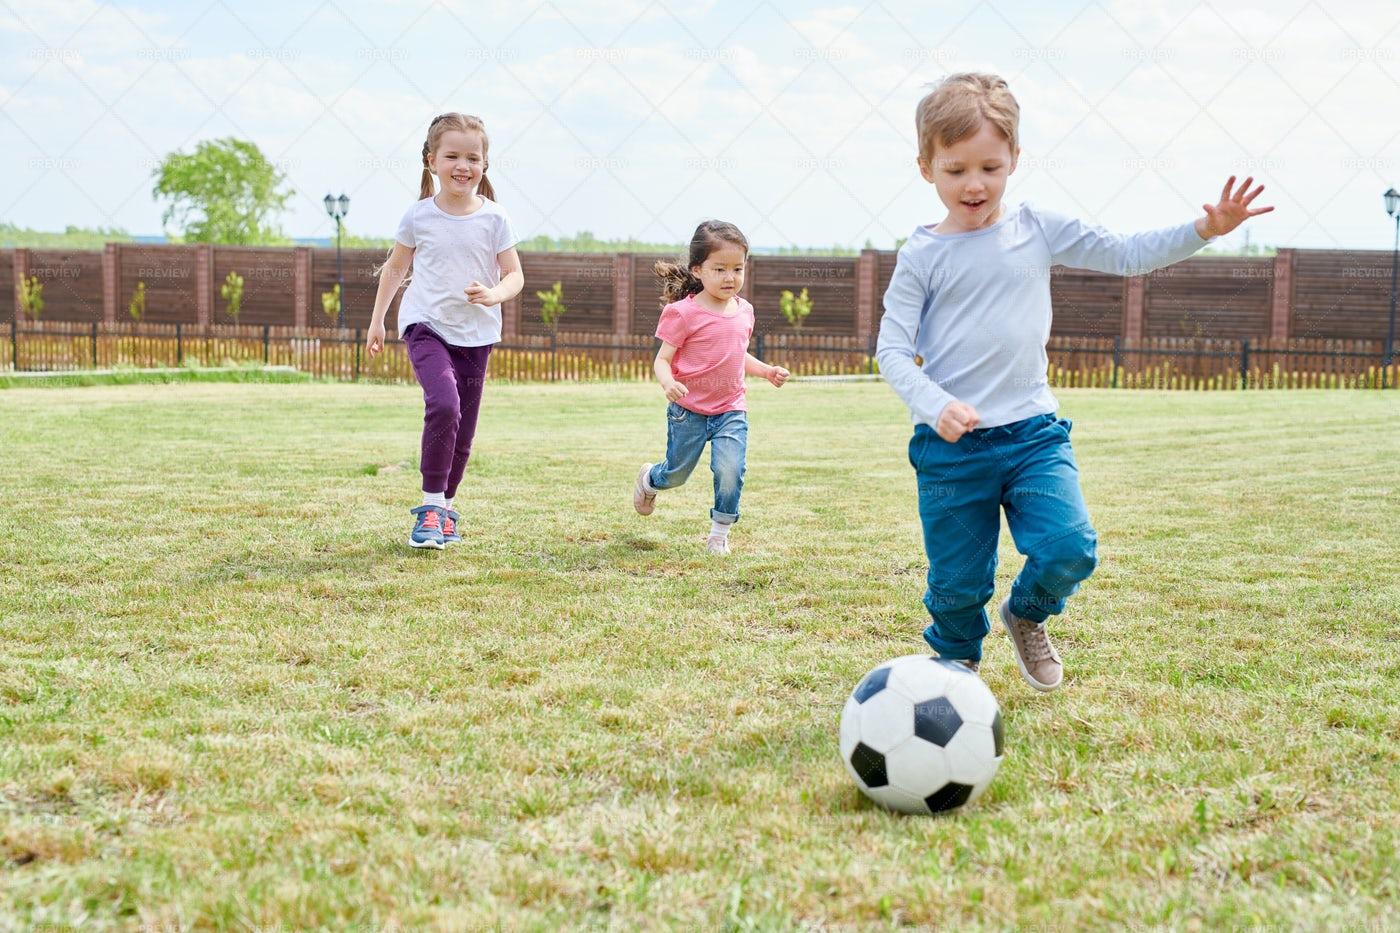 Kids Playing Football: Stock Photos